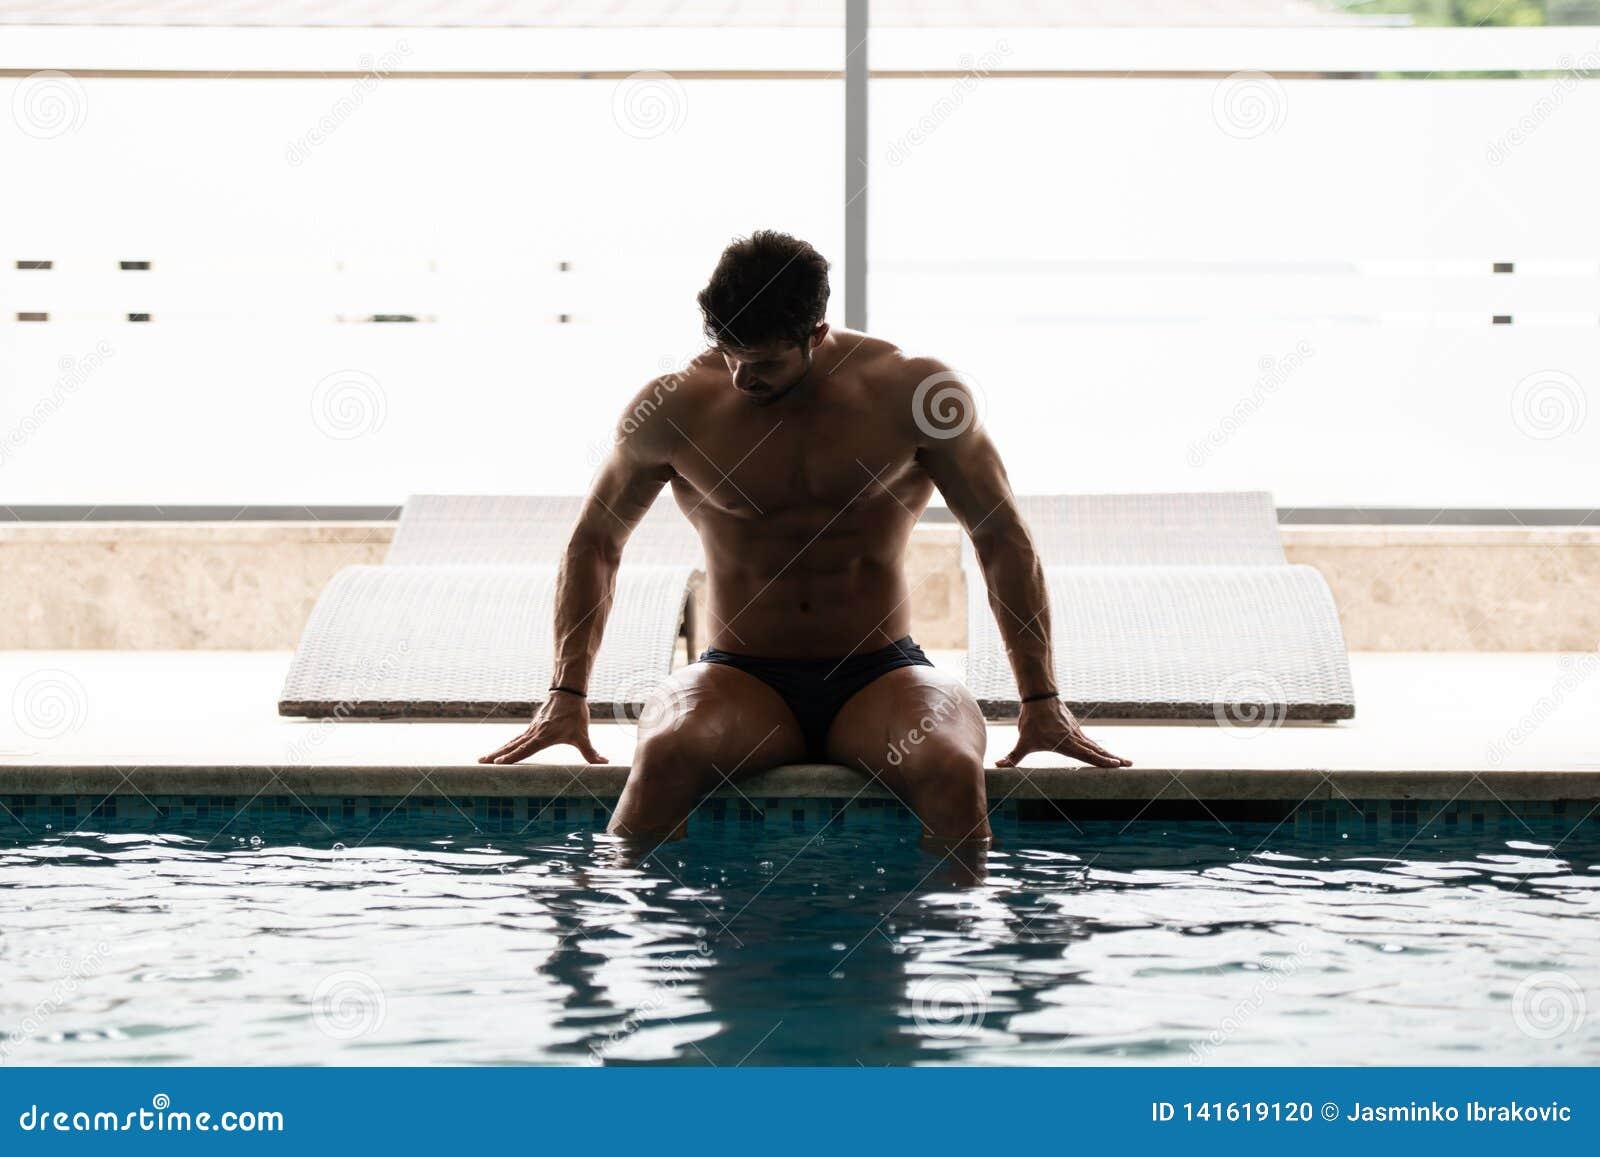 Naked men swimming pool nude